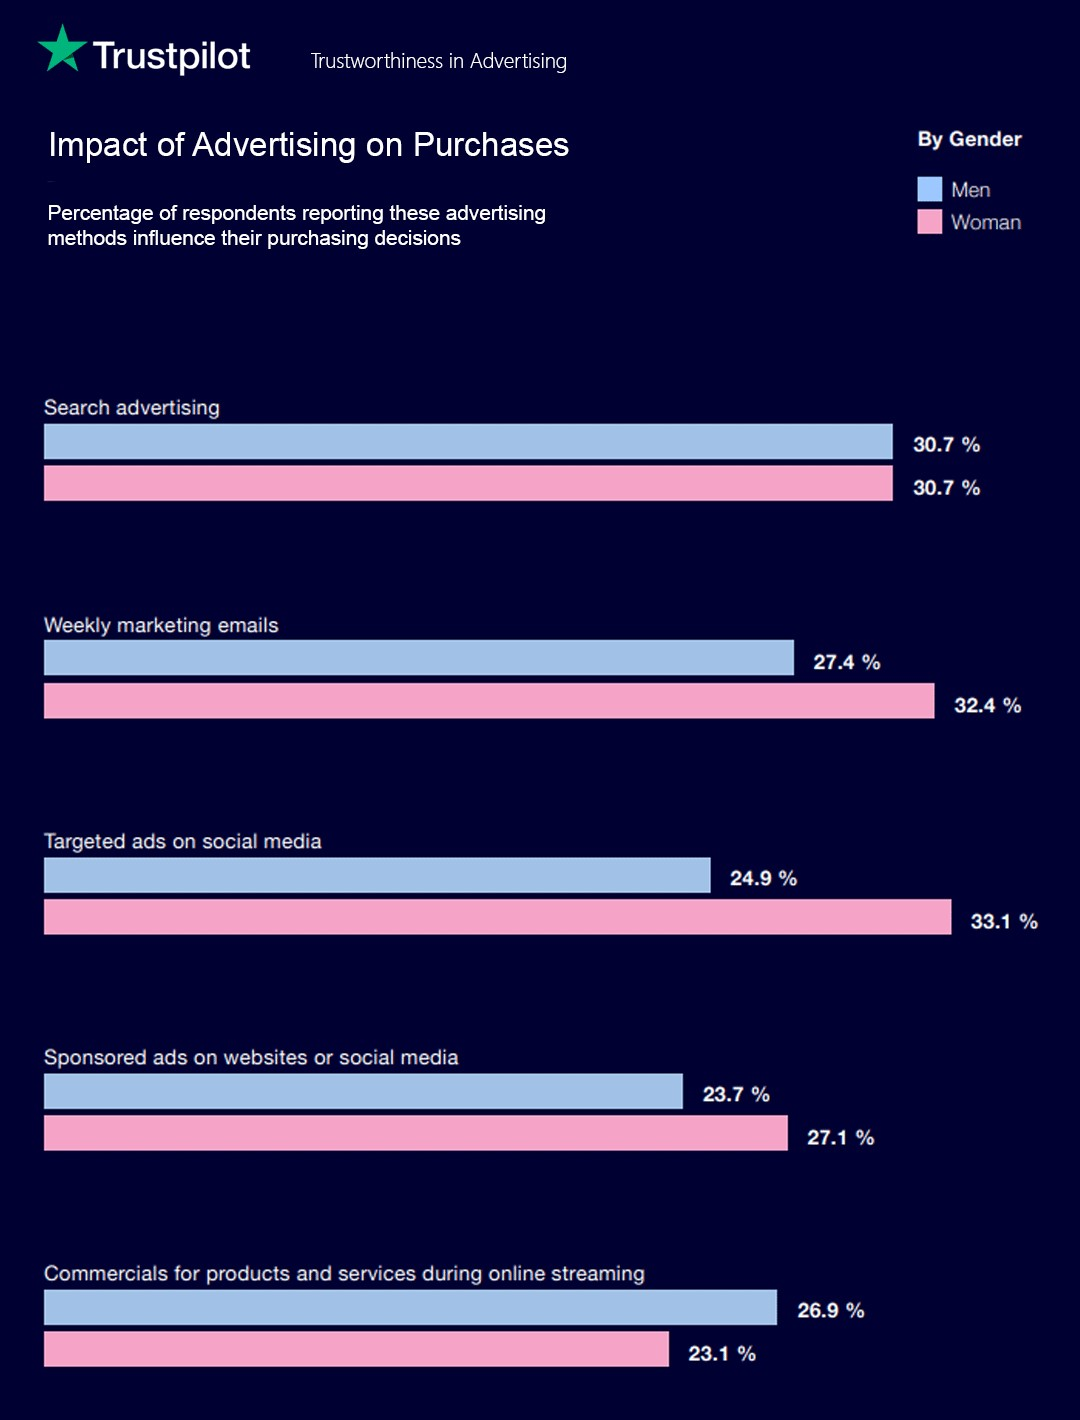 Verbrauchereinblicke zum Einfluss von Werbung auf Kaufentscheidungen, aufgeschlüsselt nach Geschlecht